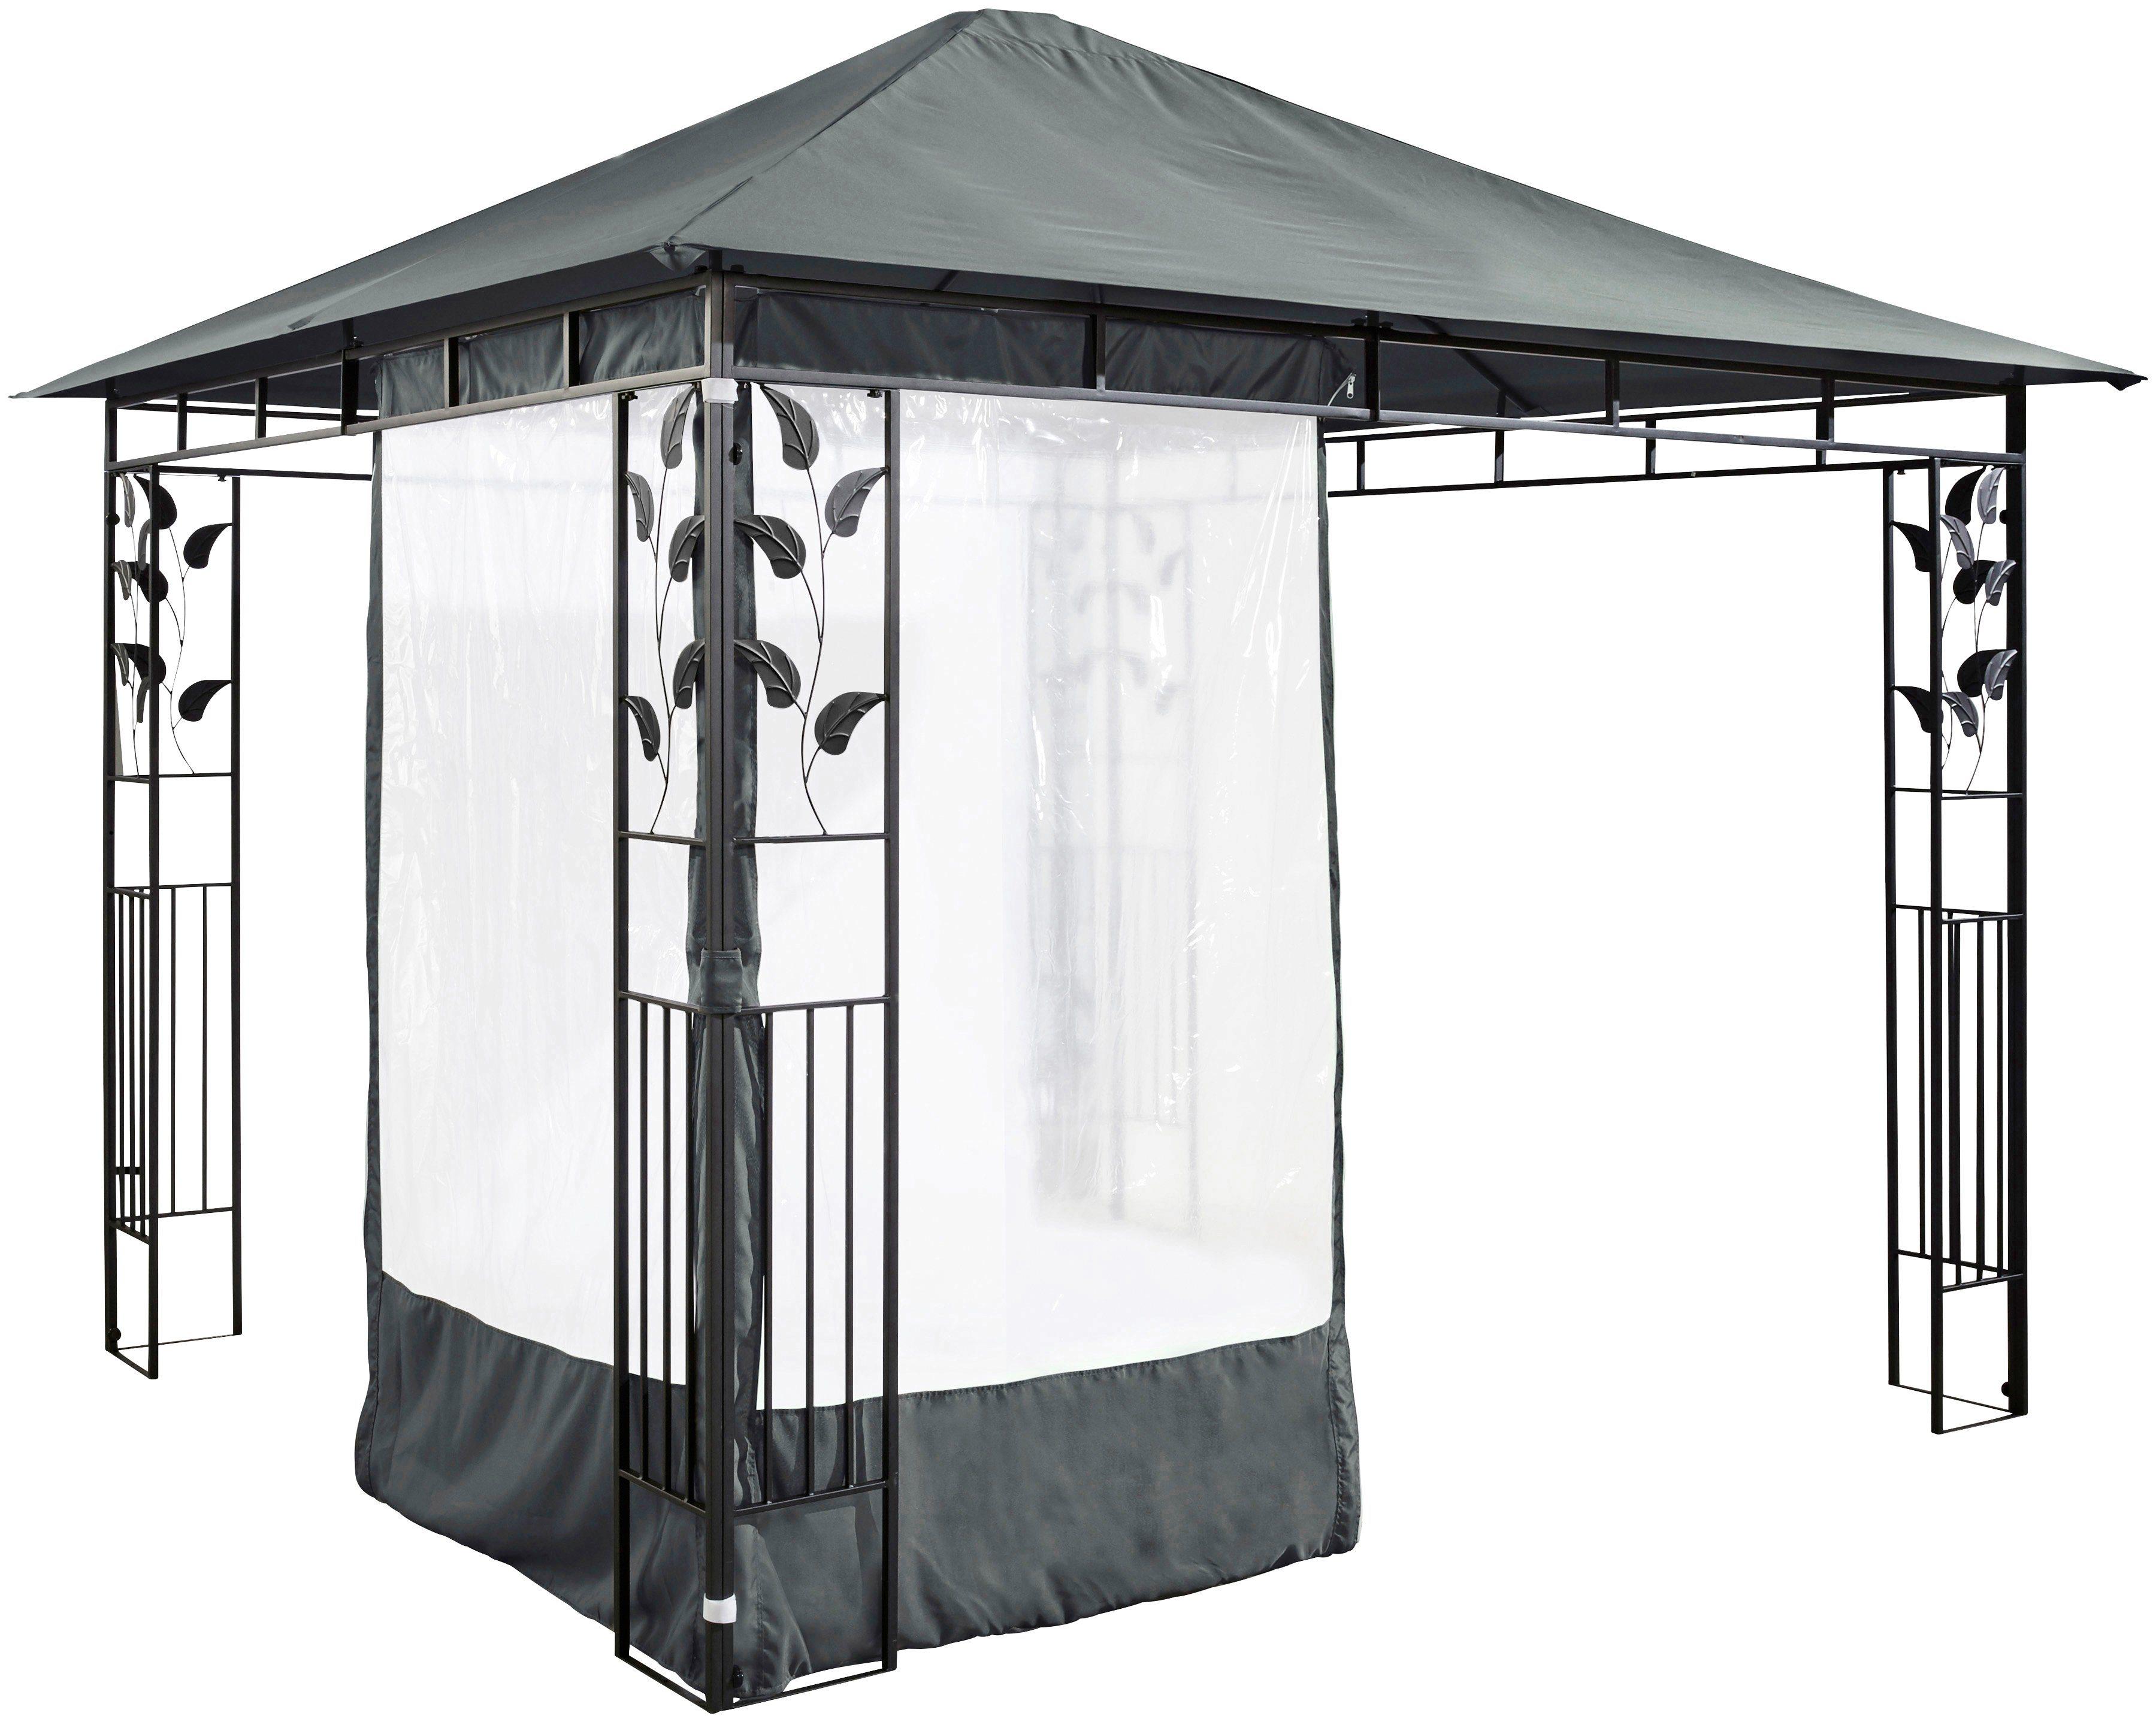 Pavillon 3X3 Schwarz Preisvergleich • Die besten Angebote online kaufen